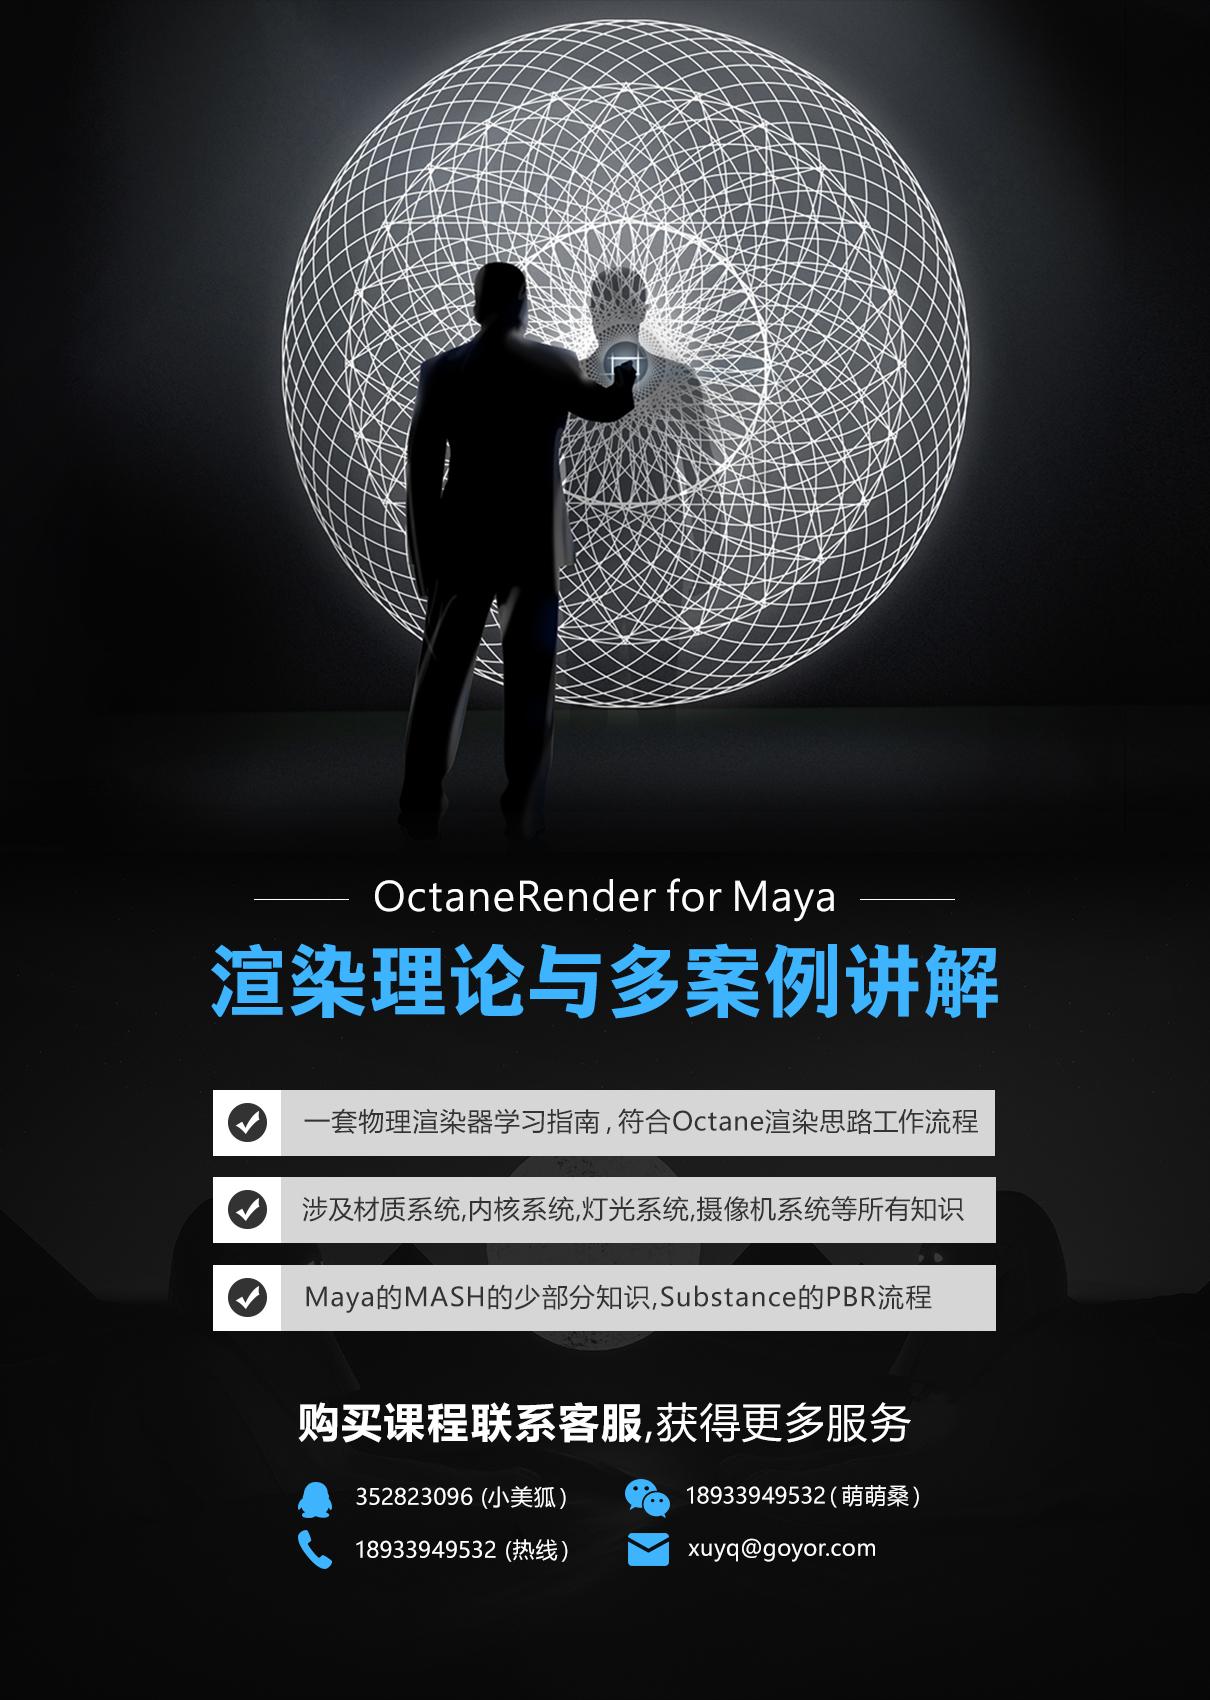 【待上线】Octane for maya 基础讲解案例完全教学简介